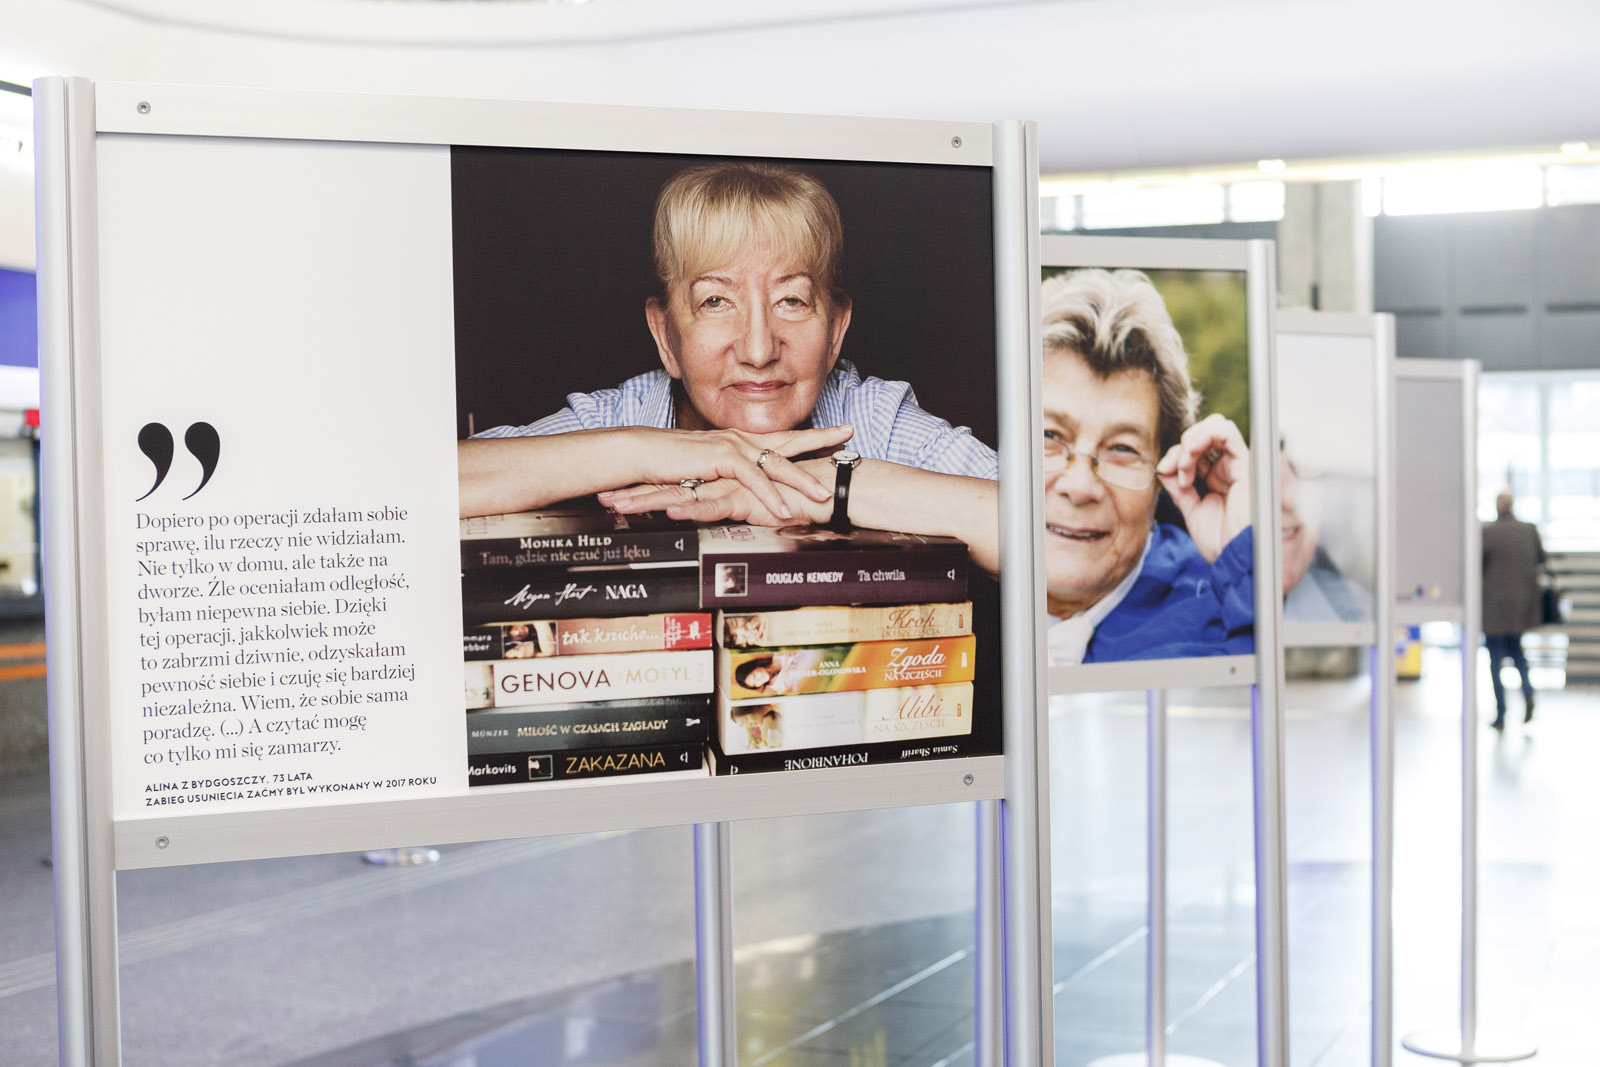 Zdjęcie wystawy – pacjenci po operacji zaćmy